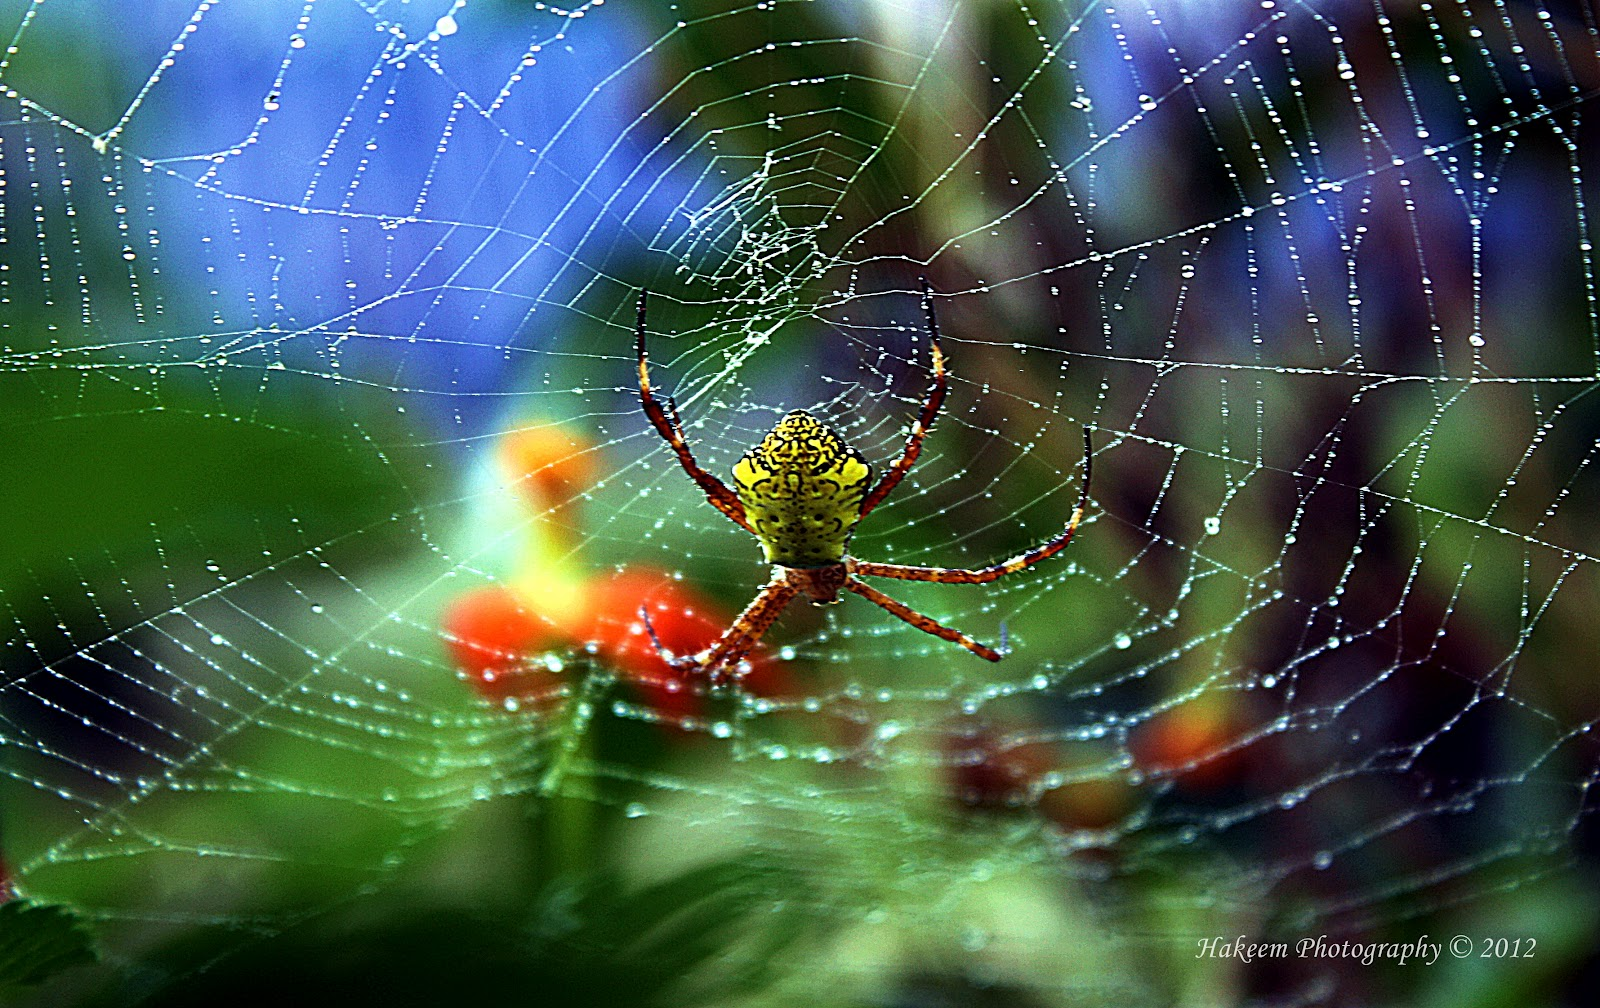 Golden Garden Spider-Argiope aurantia